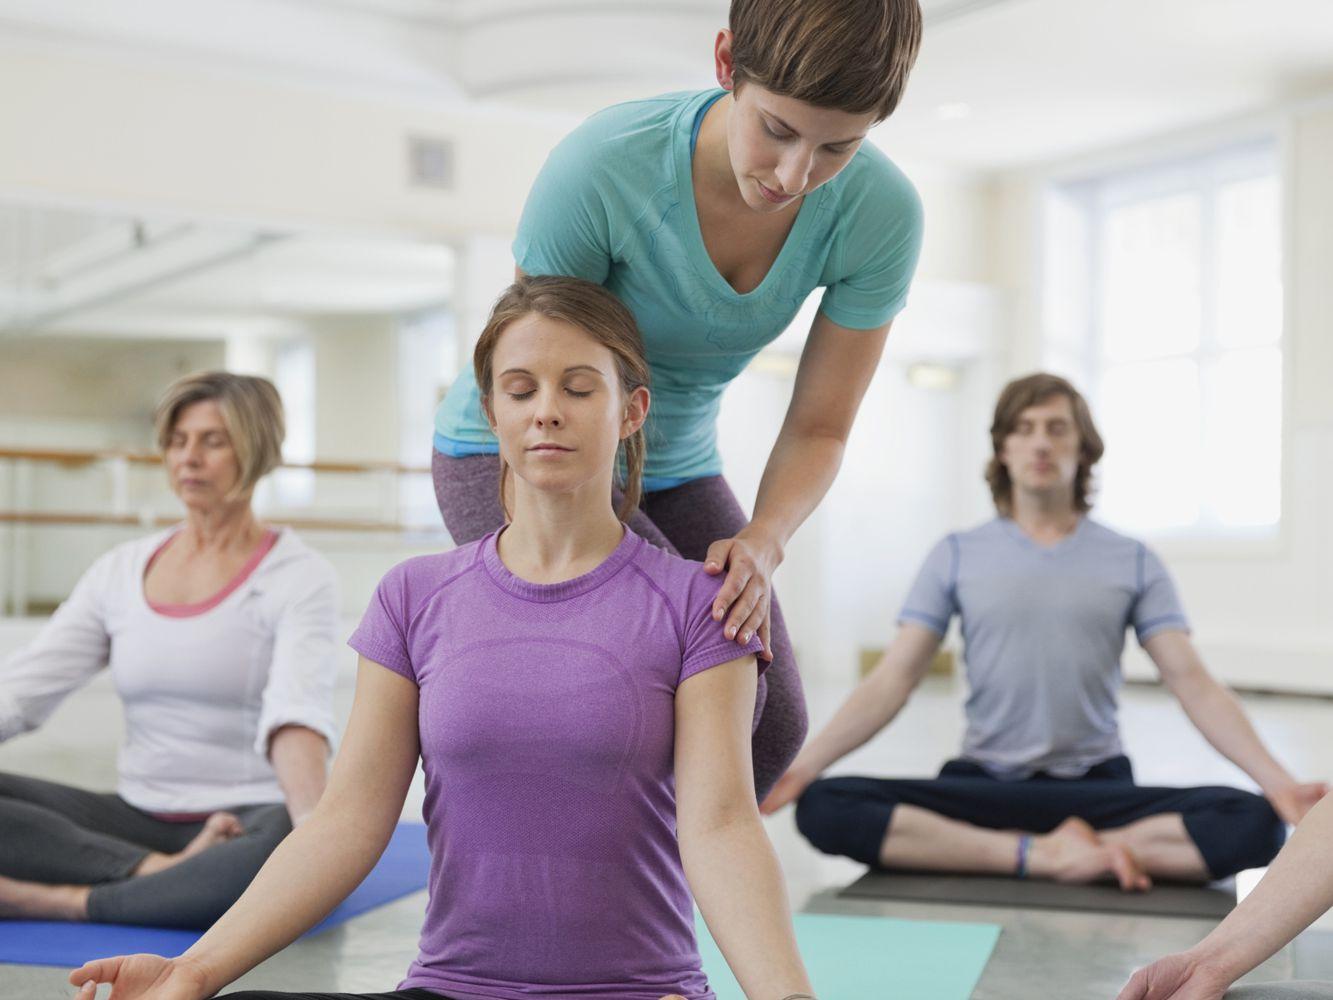 Yoga Alliance Standards For Teachers Training Programs